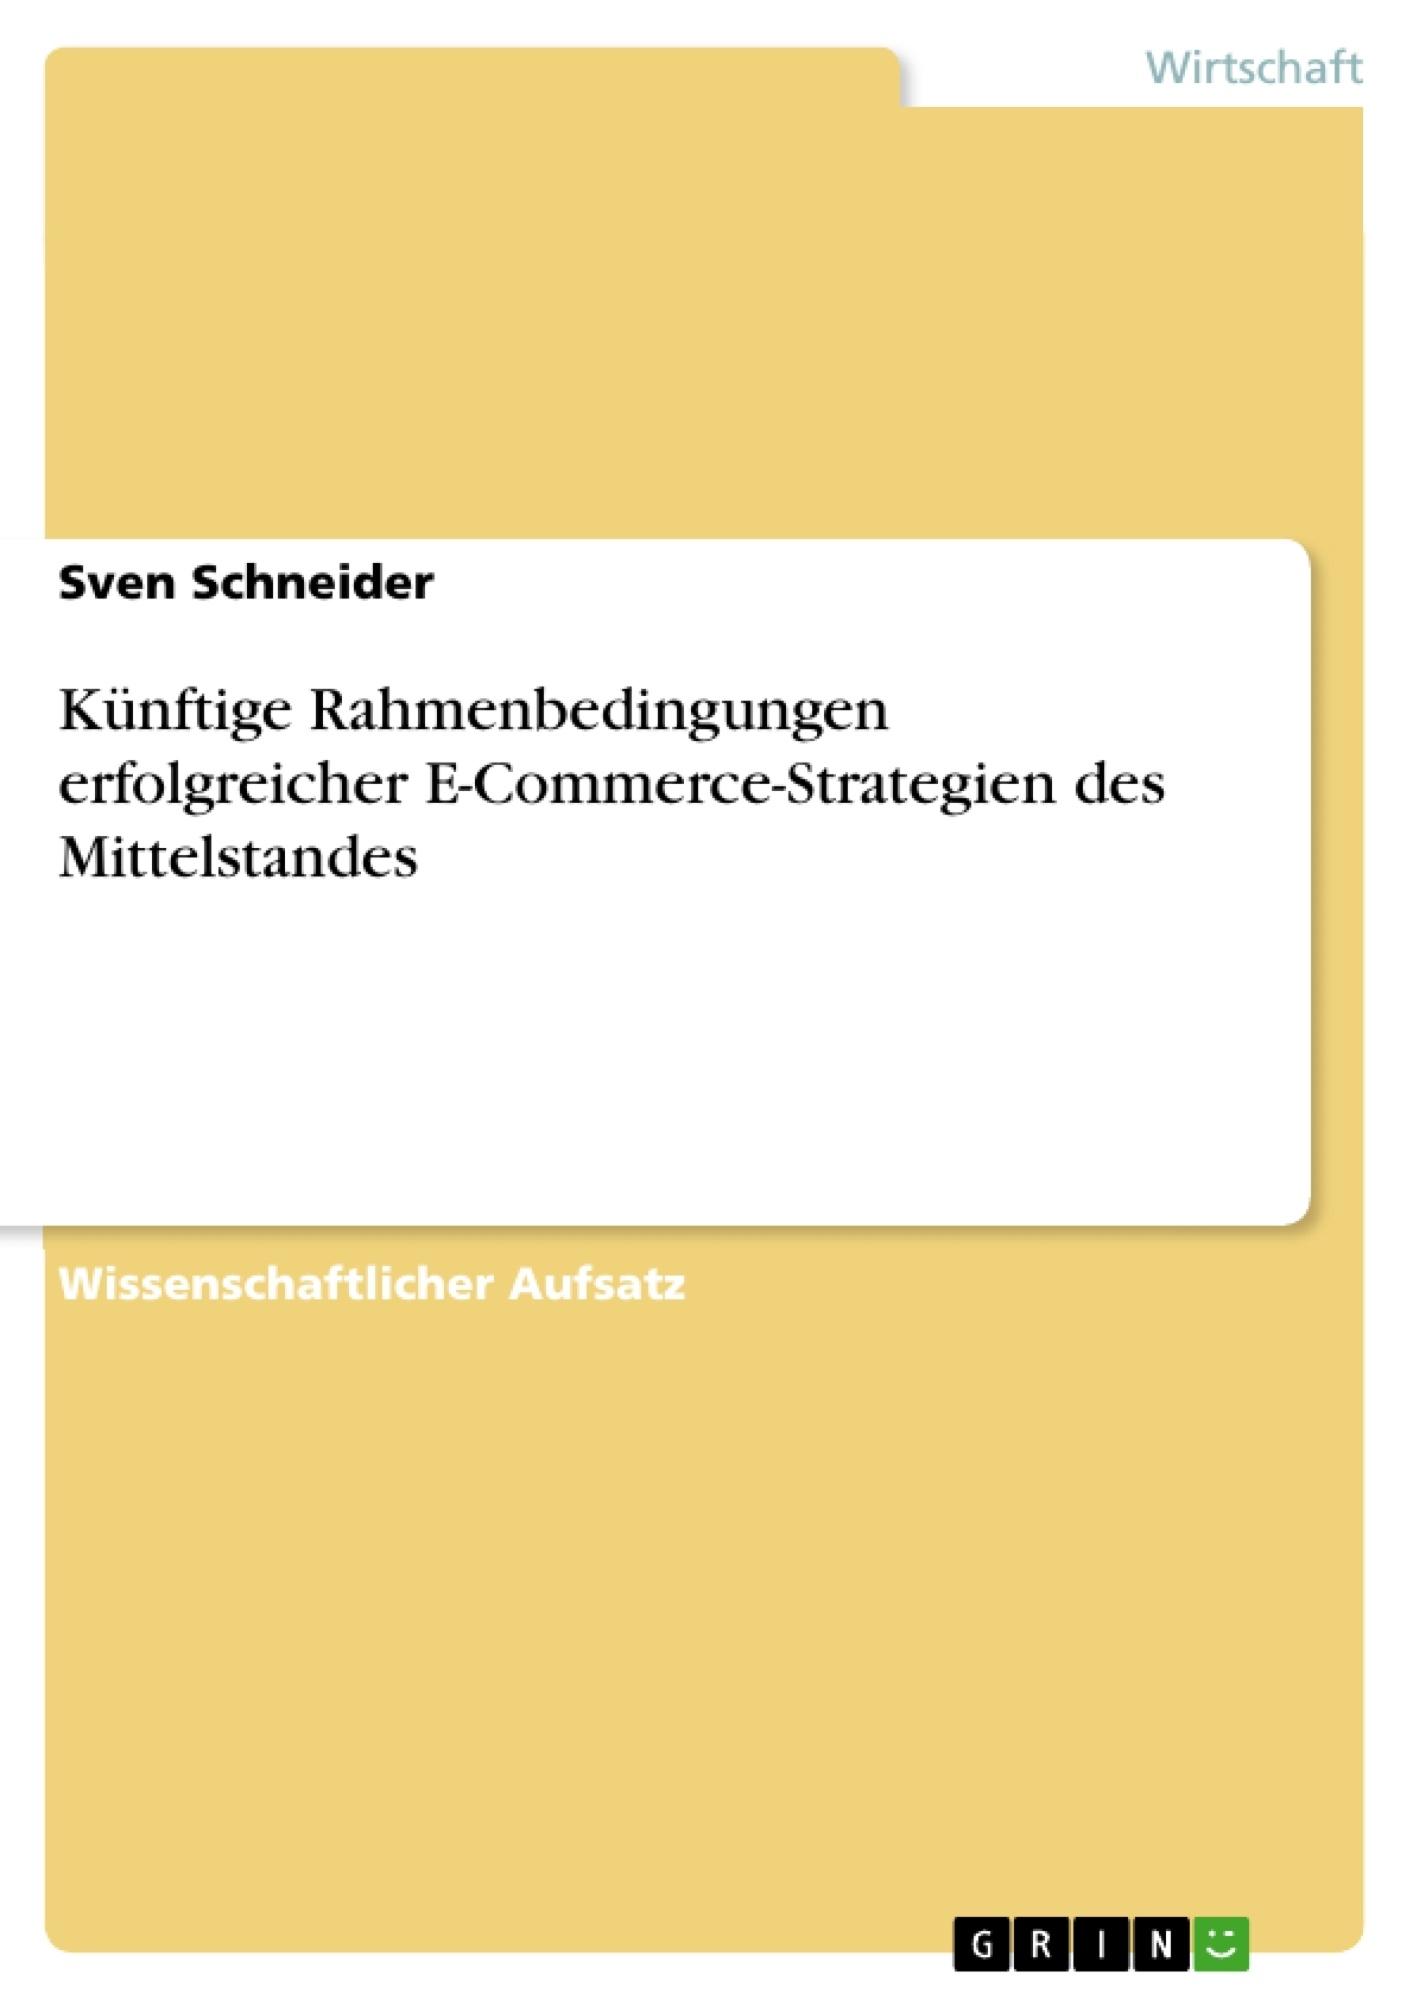 Titel: Künftige Rahmenbedingungen erfolgreicher E-Commerce-Strategien des Mittelstandes